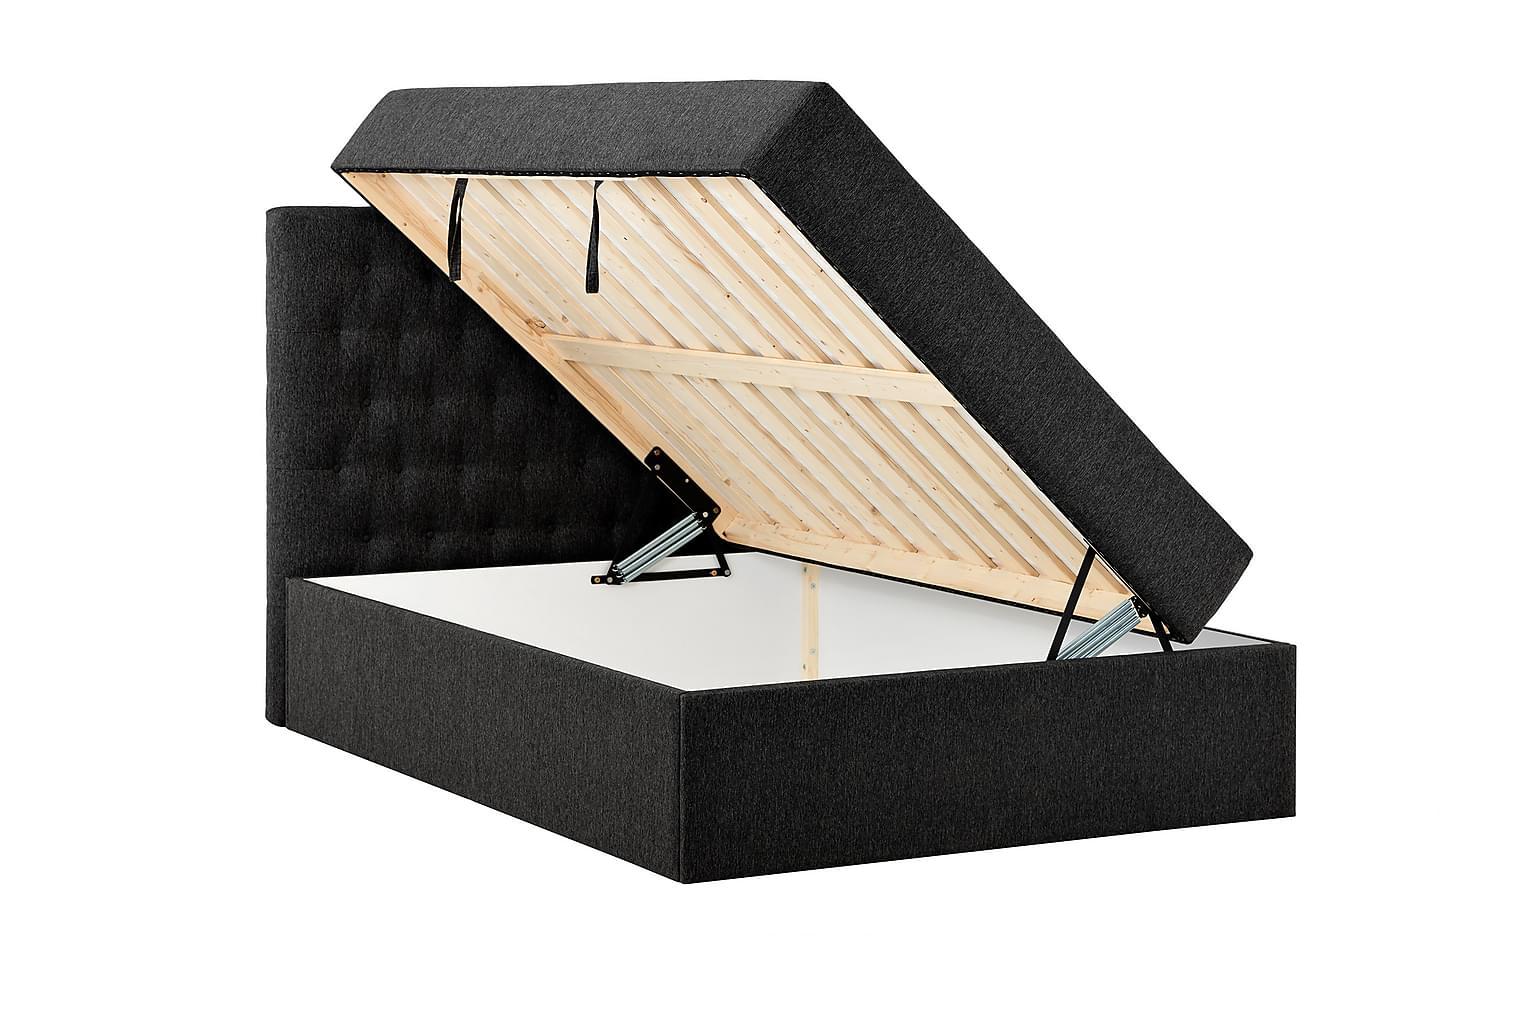 BOXBED Säilytyssänky 120 - Sänkypaketti Musta